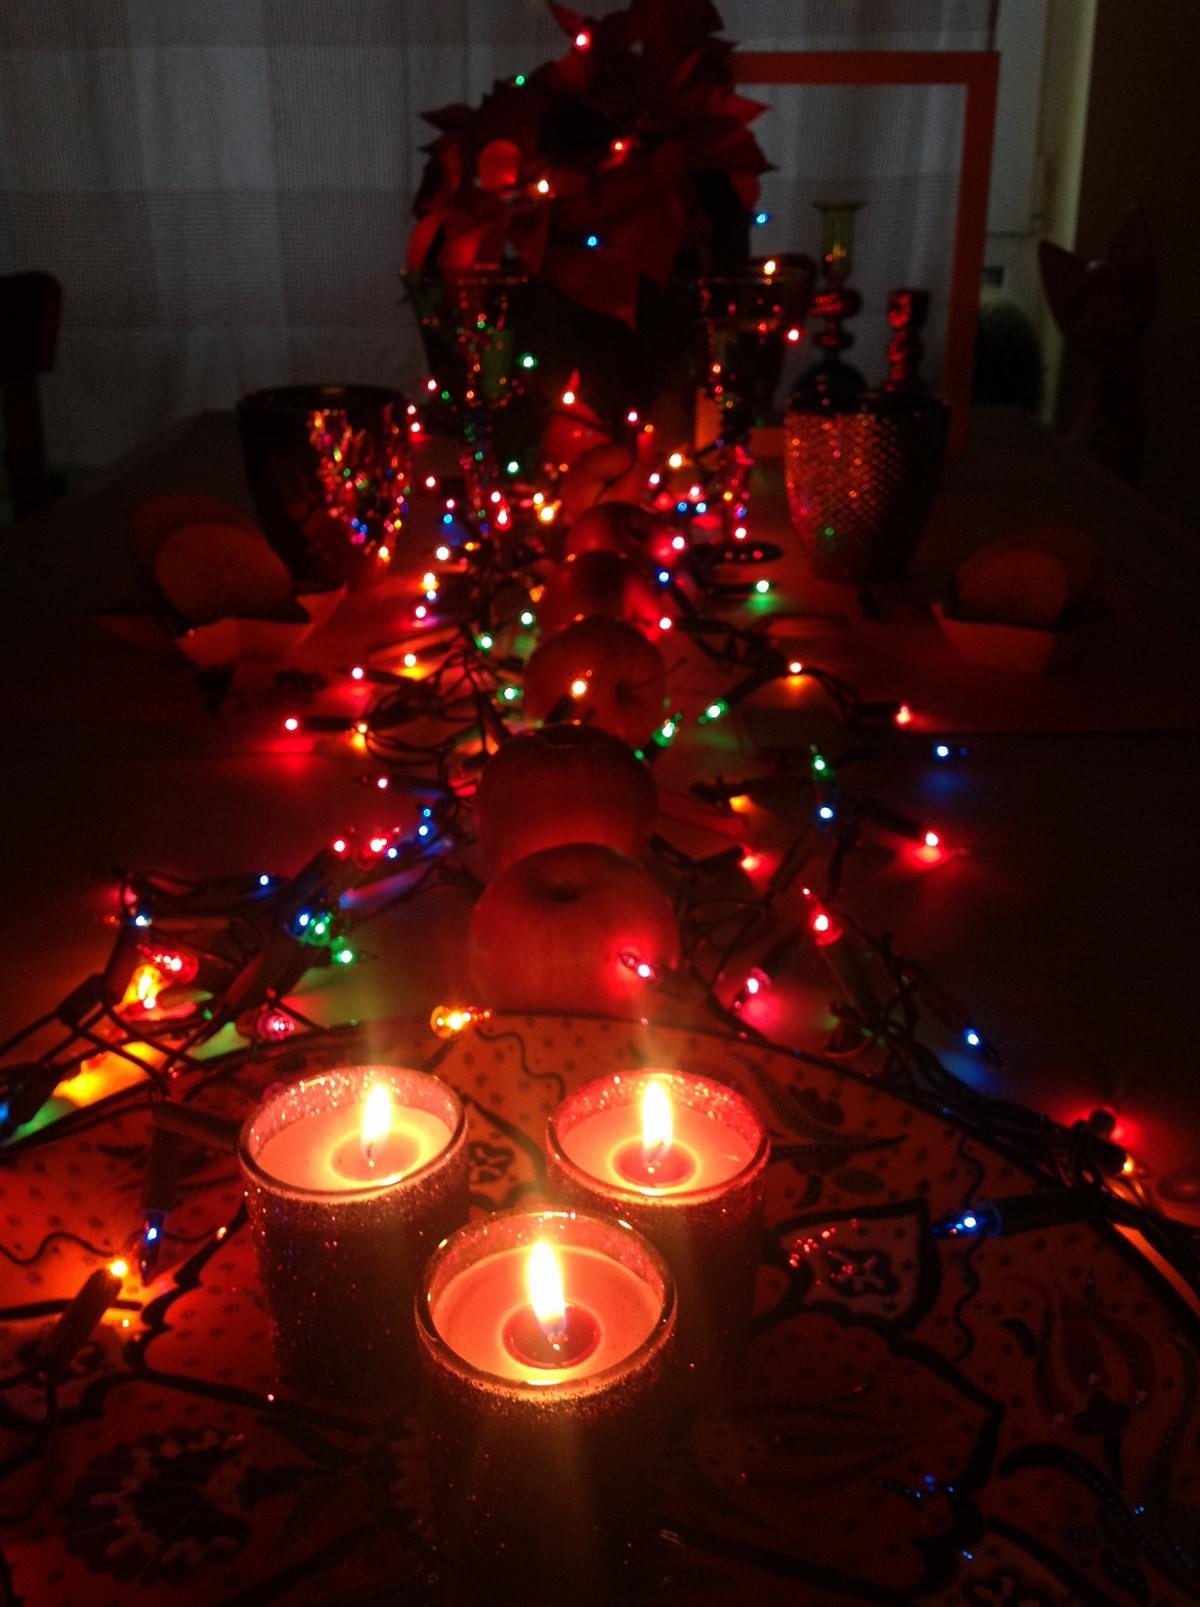 4 gwiazda_betlejemska_boze_narodzenie_wigilia_dekoracje_stol_na_swieta_pomysly_christmas_decorationg_ideas_home_decor_interio_design_holiday_table_setting_forelements_blog